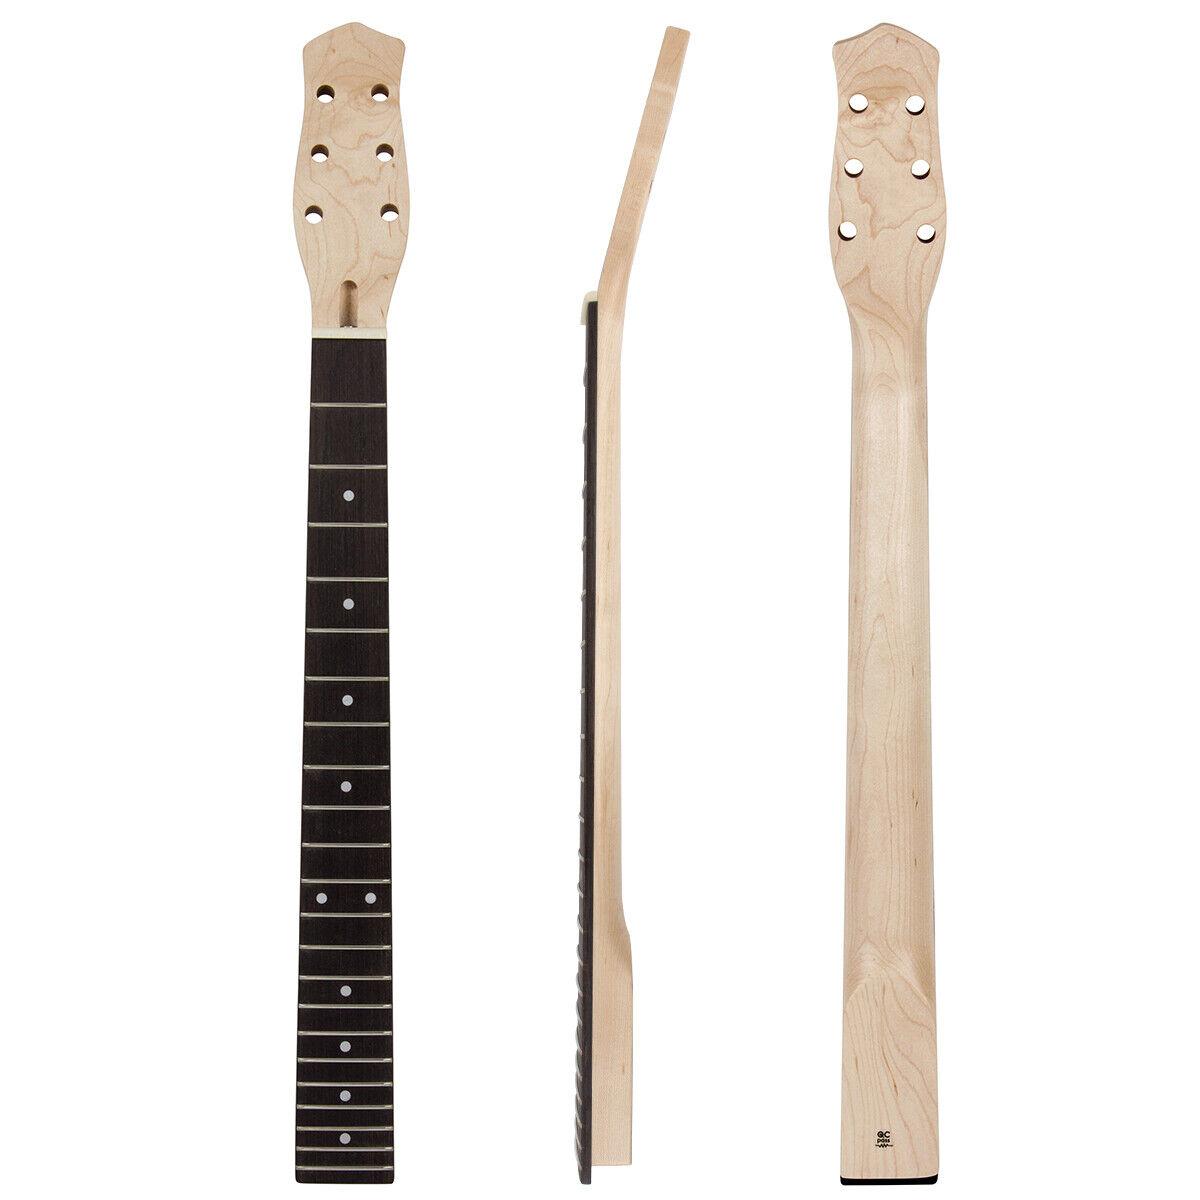 kmise electric guitar neck canada maple 22 bolt on ebay. Black Bedroom Furniture Sets. Home Design Ideas